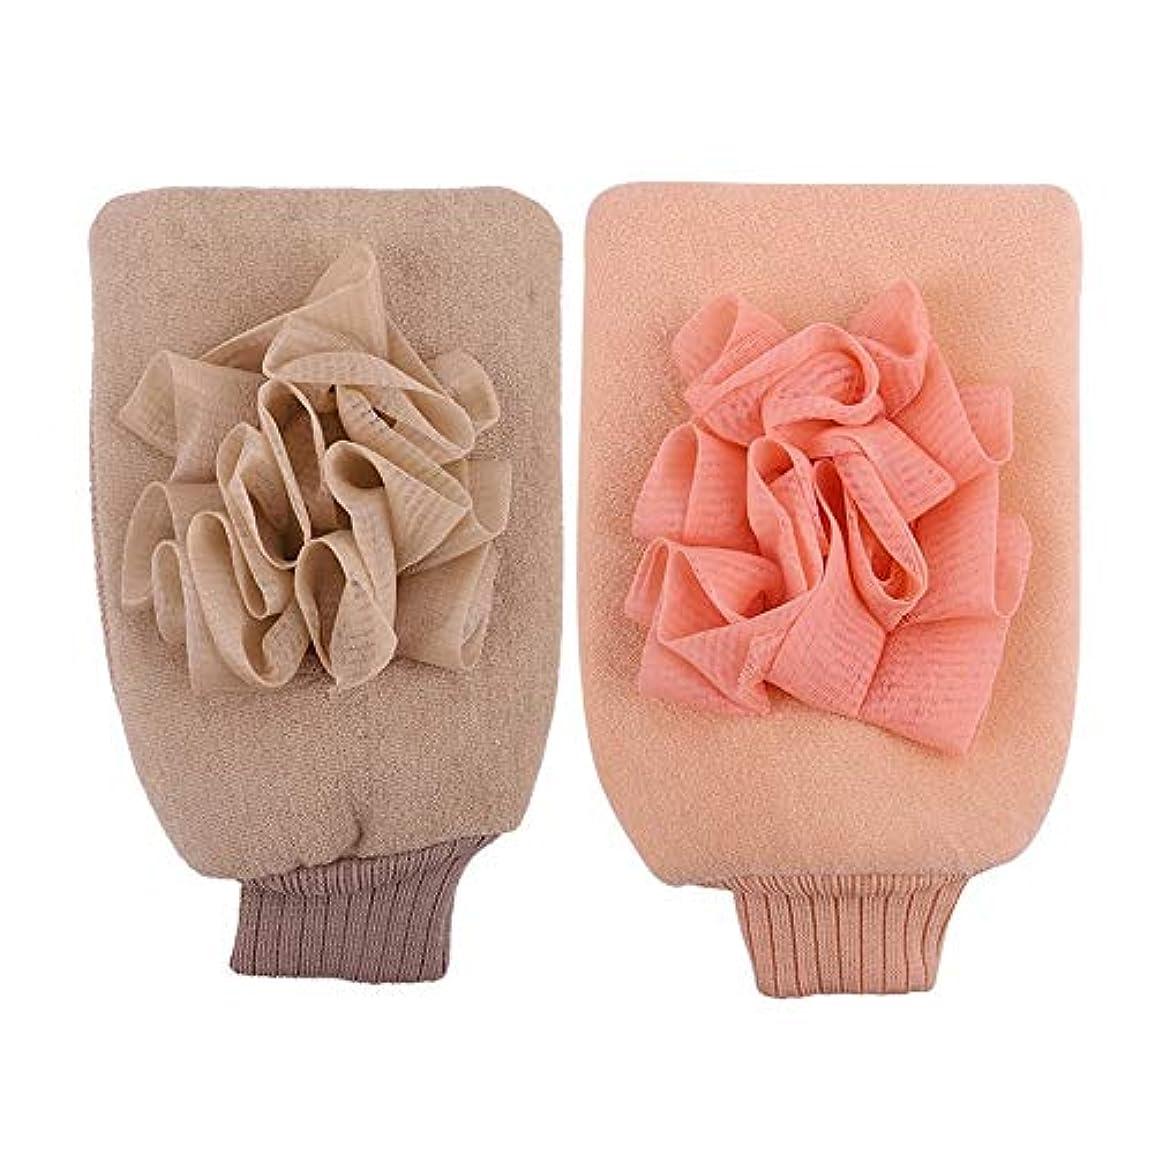 理想的の量落花生BTXXYJP お風呂用手袋 シャワー手袋 あかすり手袋 ボディブラシ やわらか ボディタオル バス用品 男女兼用 角質除去 (Color : Pink+beige)